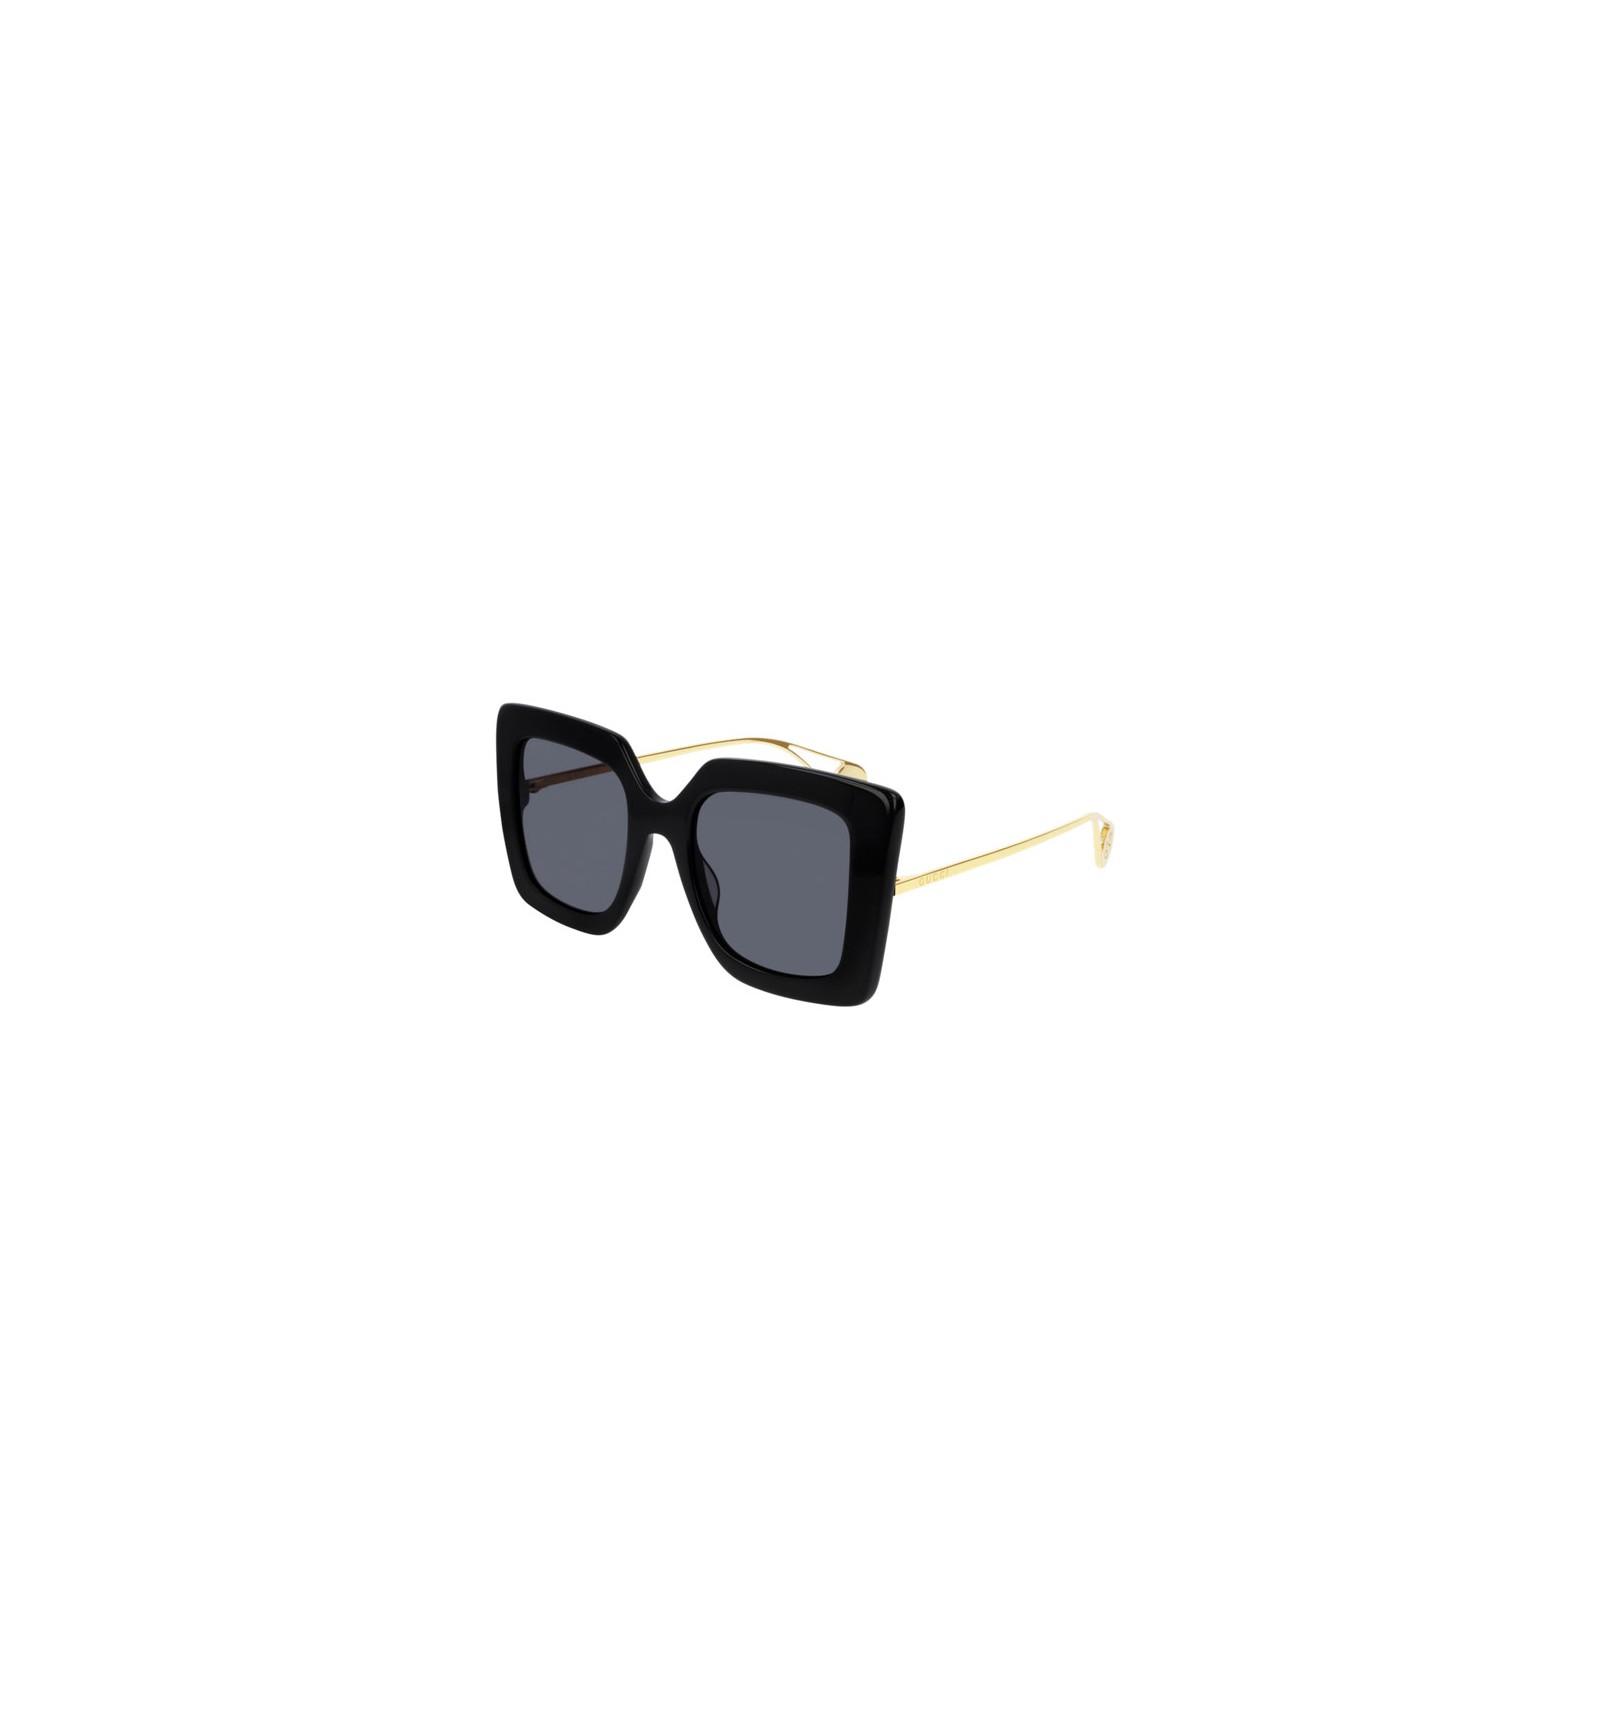 9ea9b2bdc03 Nuevo 2019 Nuevo Gafas de Sol GUCCI GG0435S Black - Grey (001)